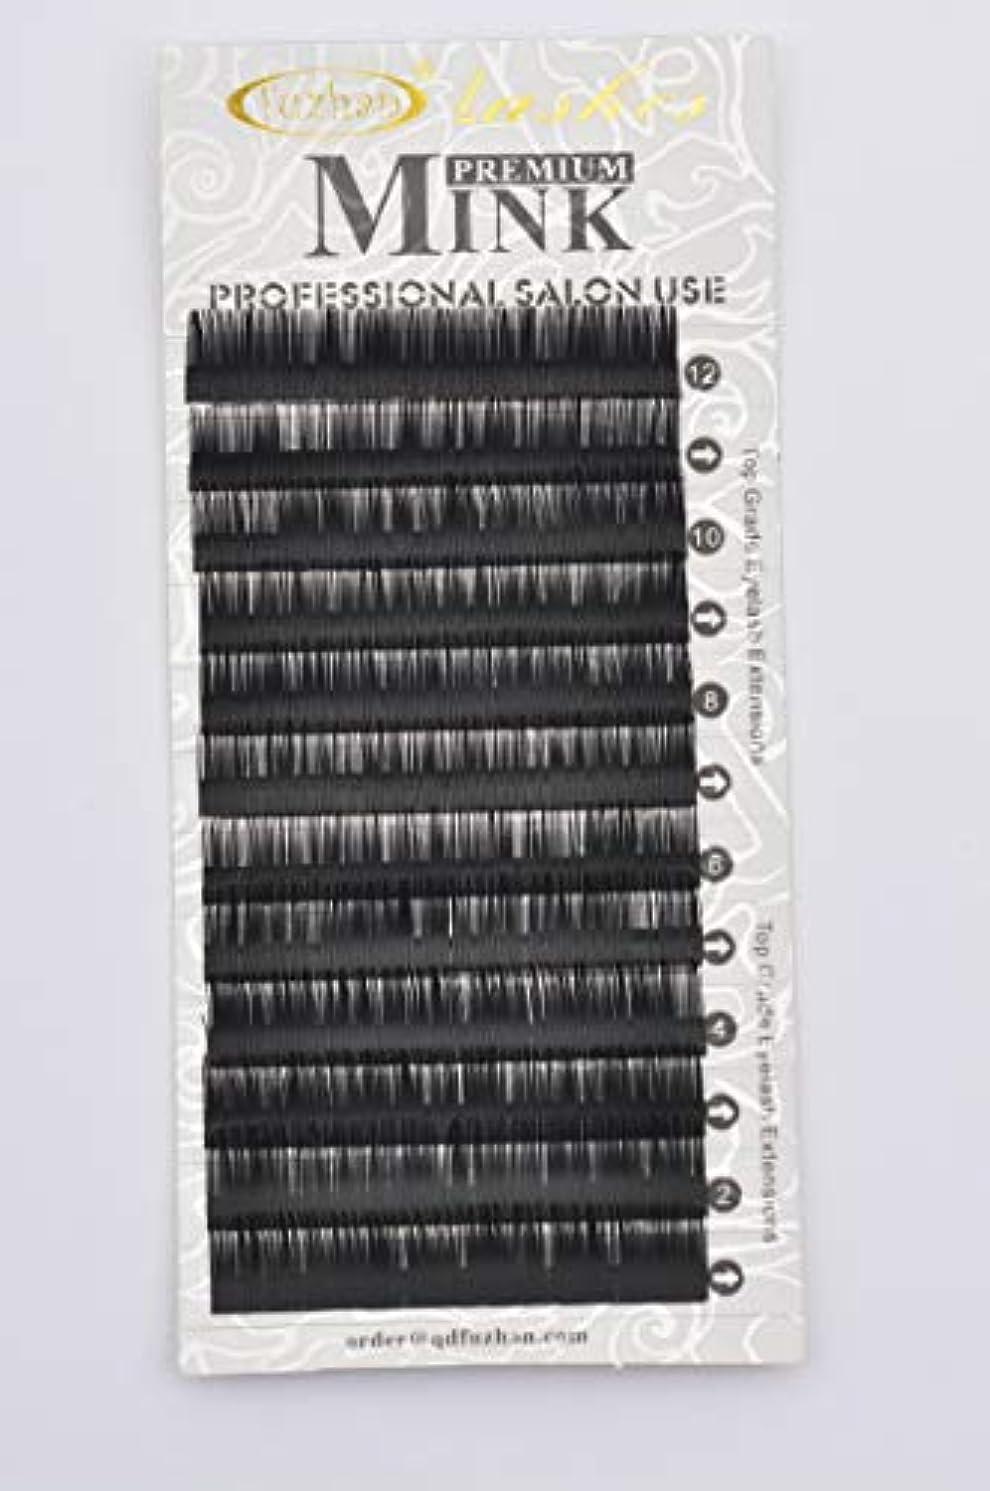 不安シャープスキャンまつげエクステ 太さ0.25mm(カール長さ指定) 高級ミンクまつげ 12列シートタイプ ケース入り (0.25 15mm D)